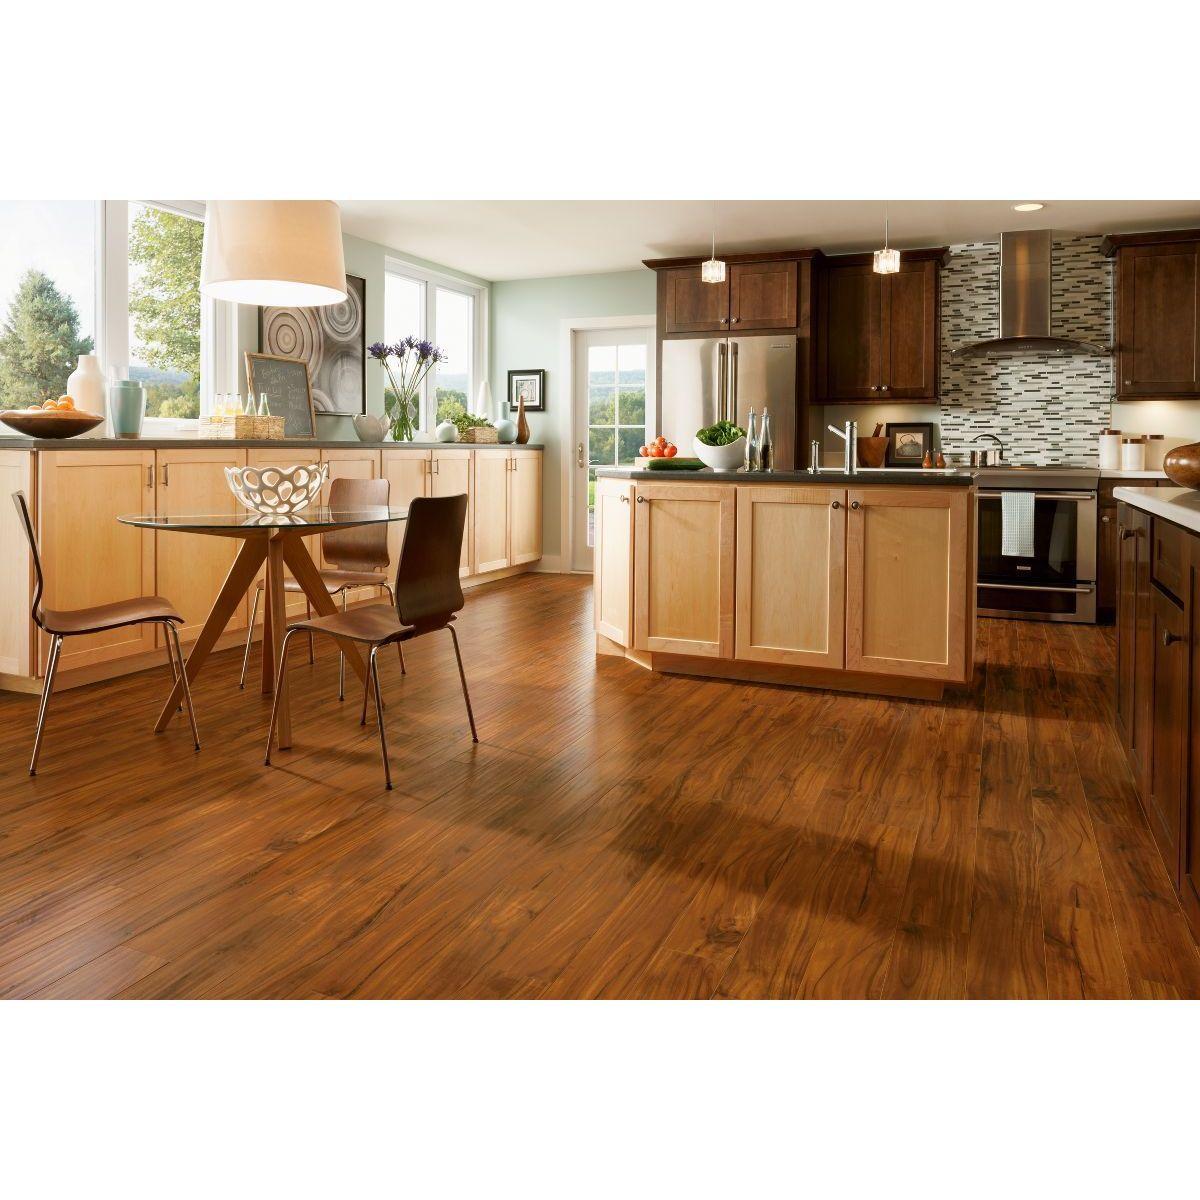 Armstrong Rustics Premium Laminate Flooring Pack (14.76 s...